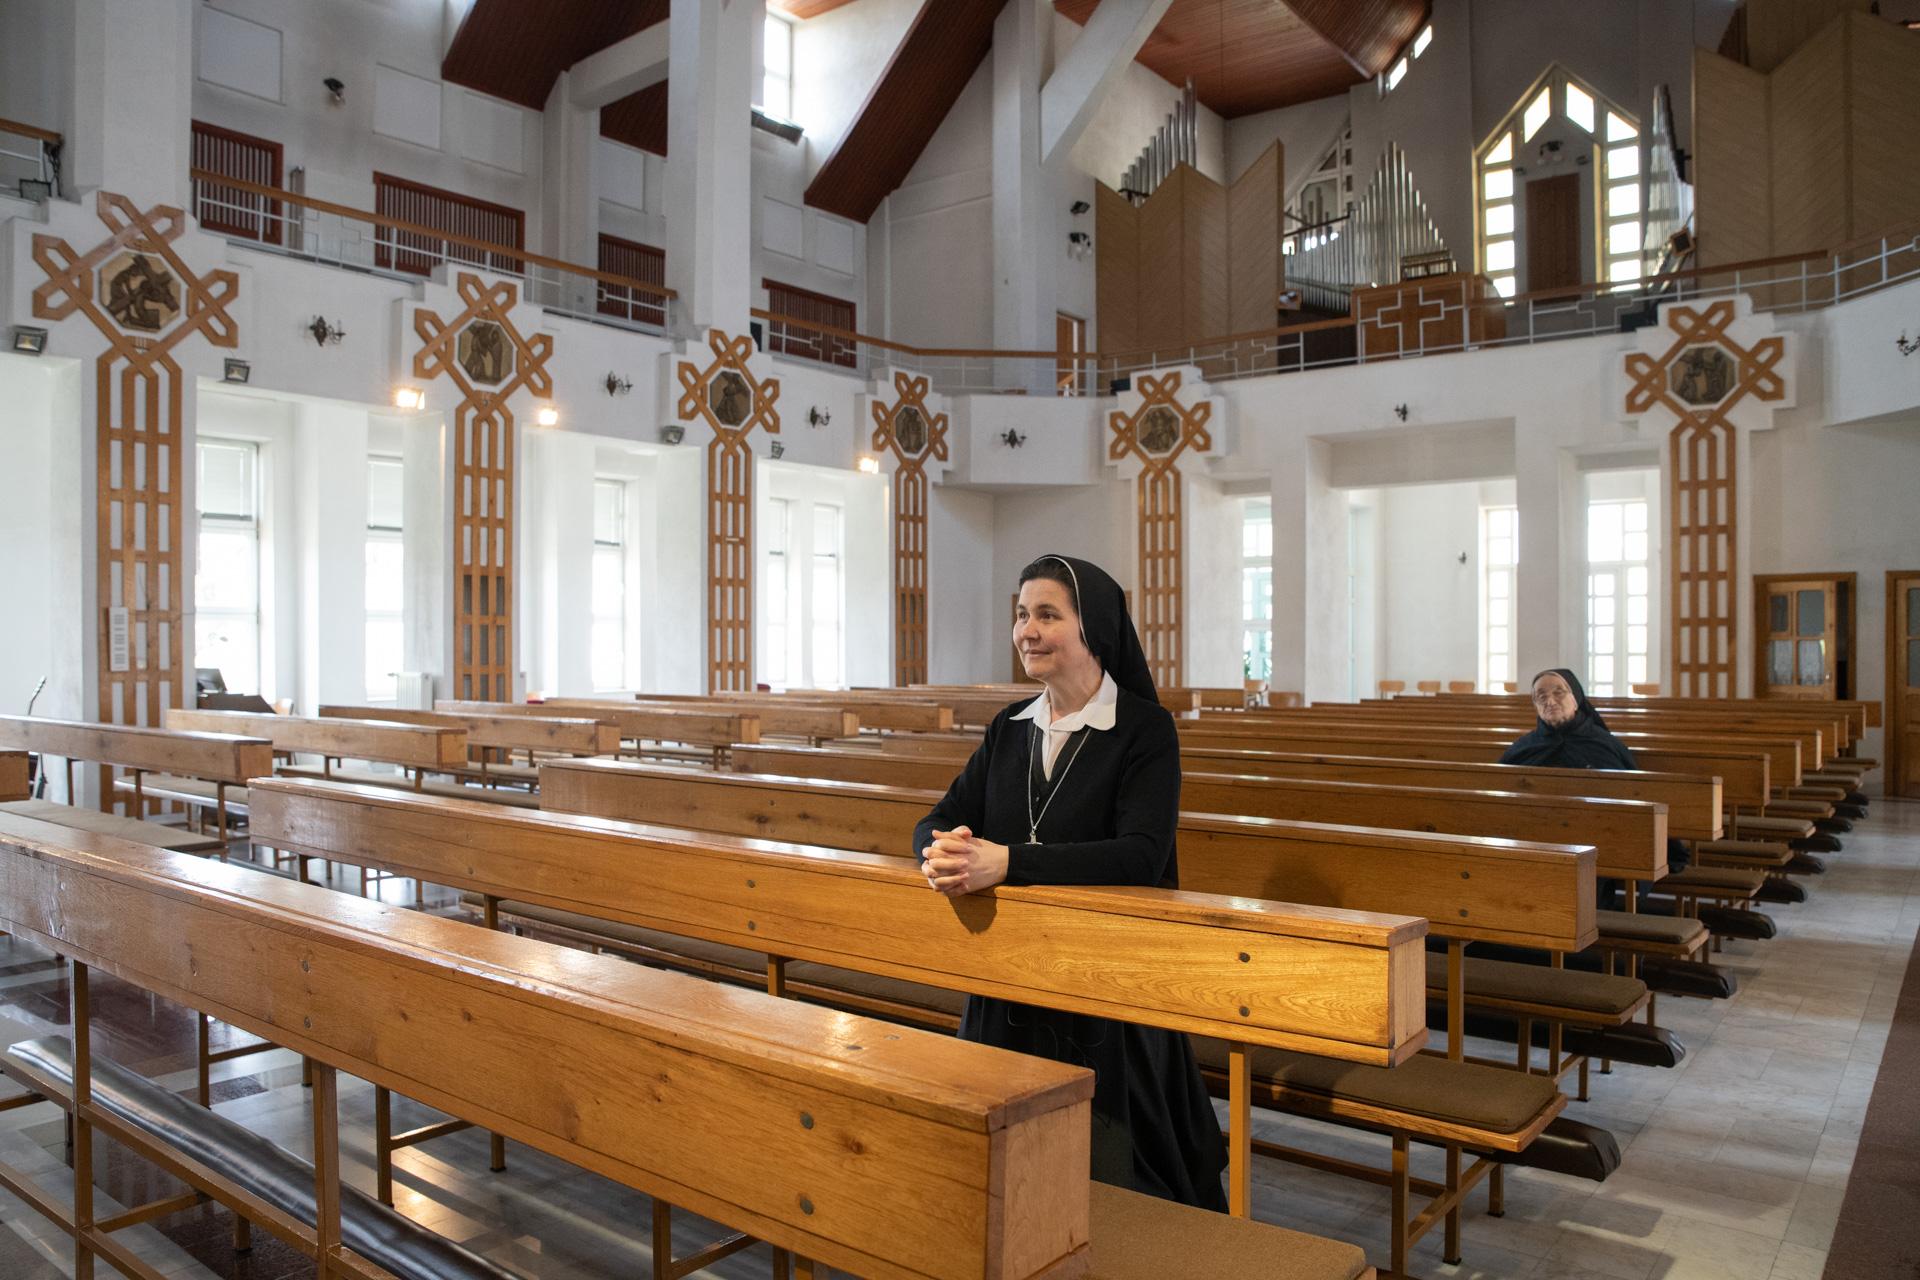 Mănăstirea Sfânta Agnes: o oază de binefacere în Popești-Leordeni | VIDEO